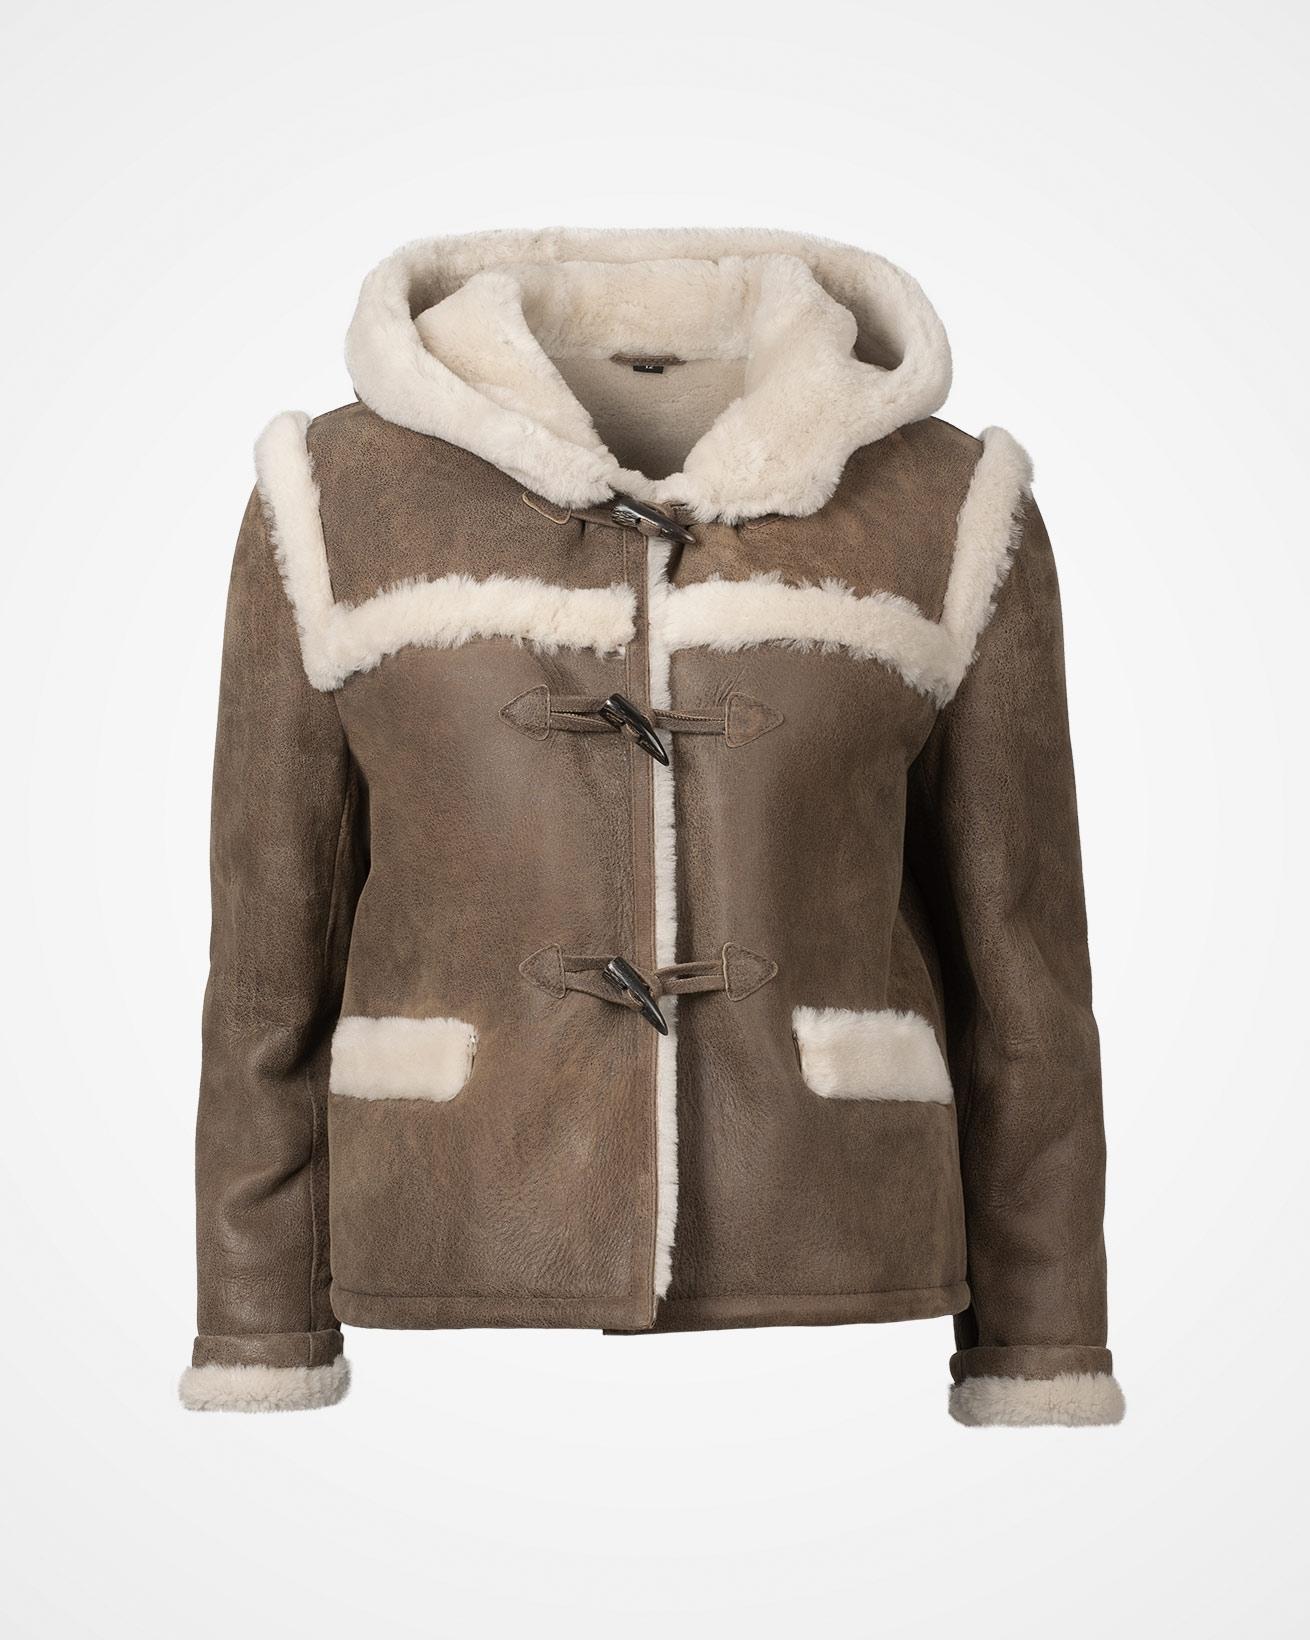 7784_hooded-sheepskin-duffle-jacket_walnut_front.jpg